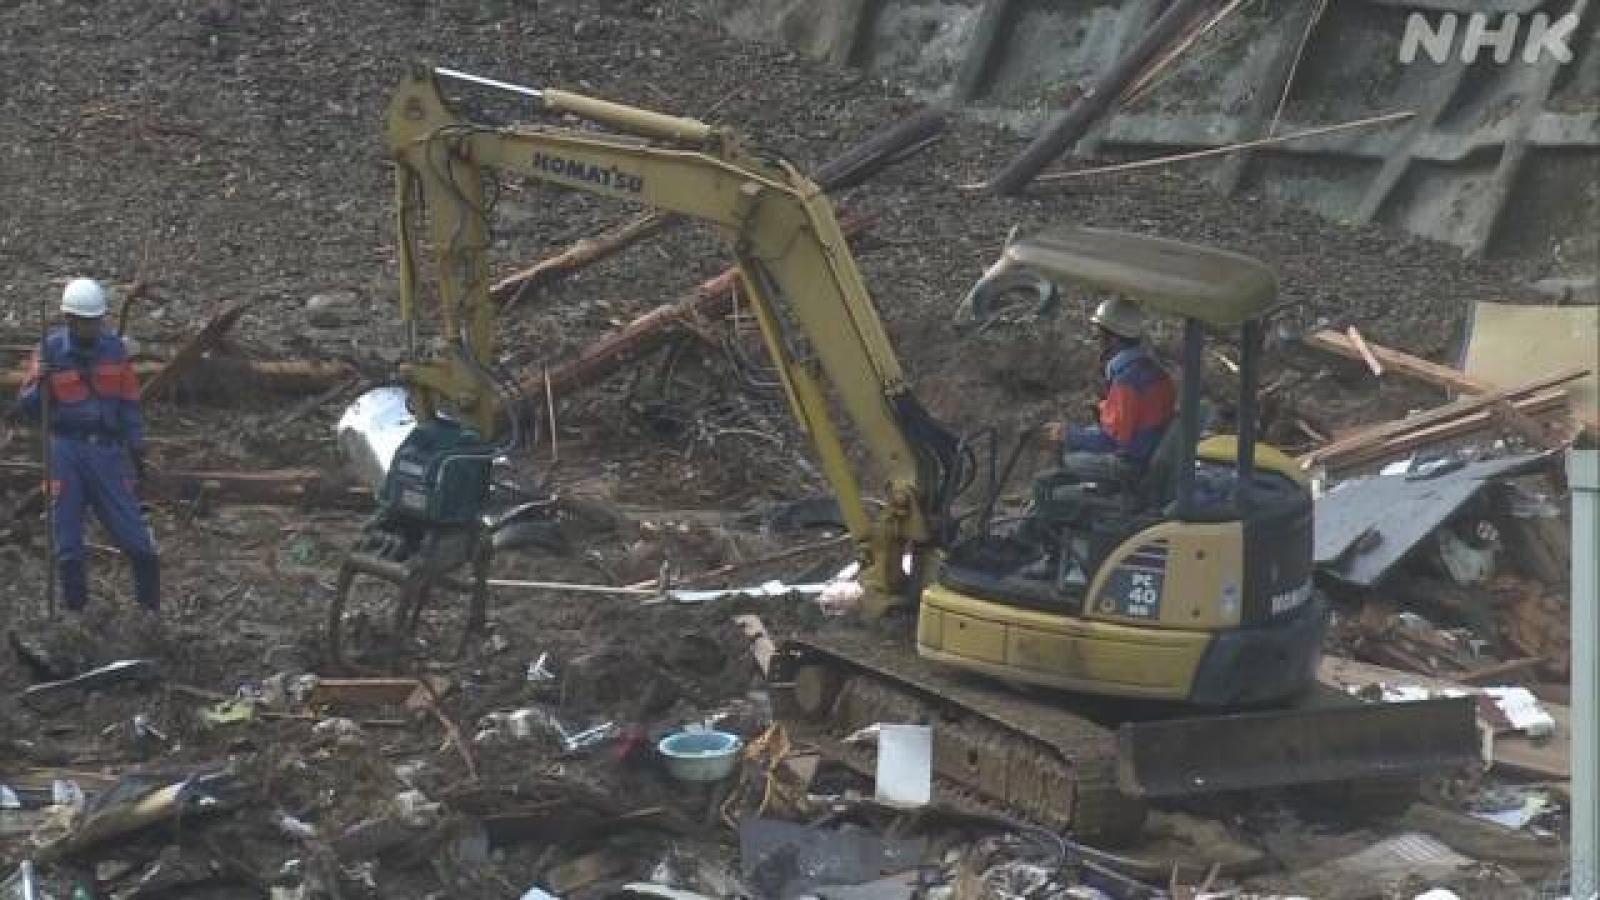 Gần 100 người thương vong ở Nhật Bản do ảnh hưởng của siêu bão Haishen